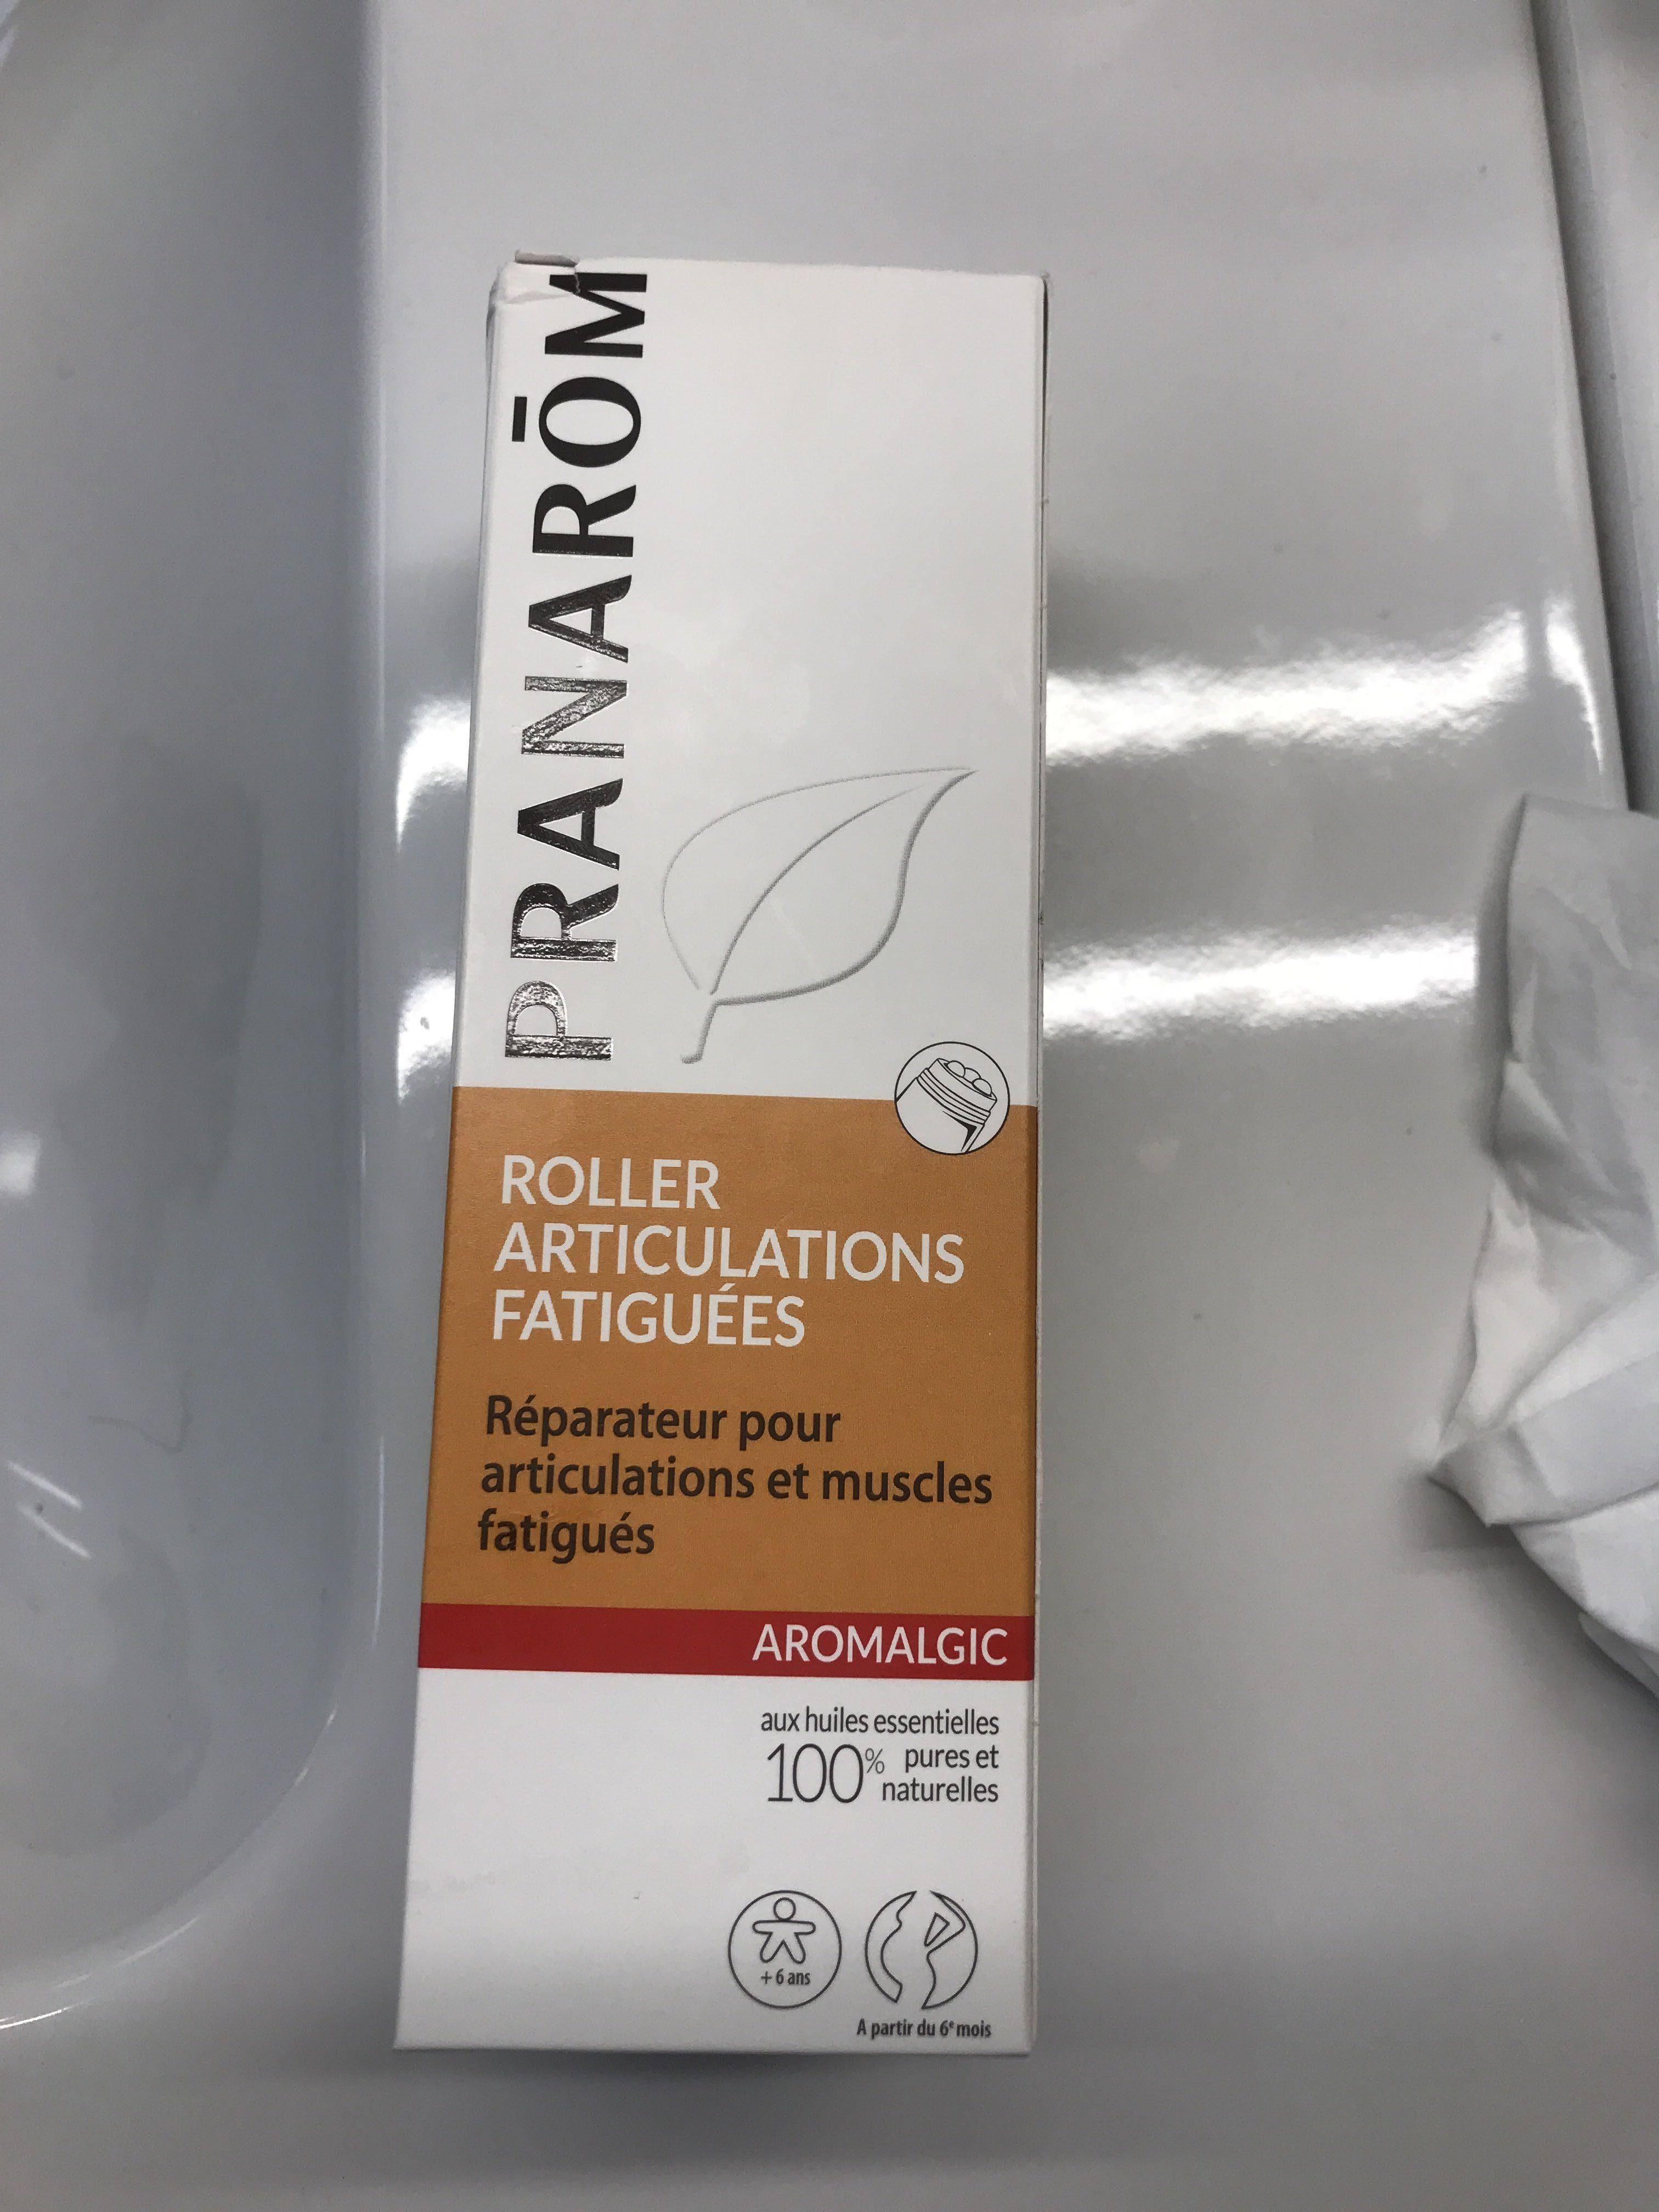 Roller articulations fatiguées - Product - fr